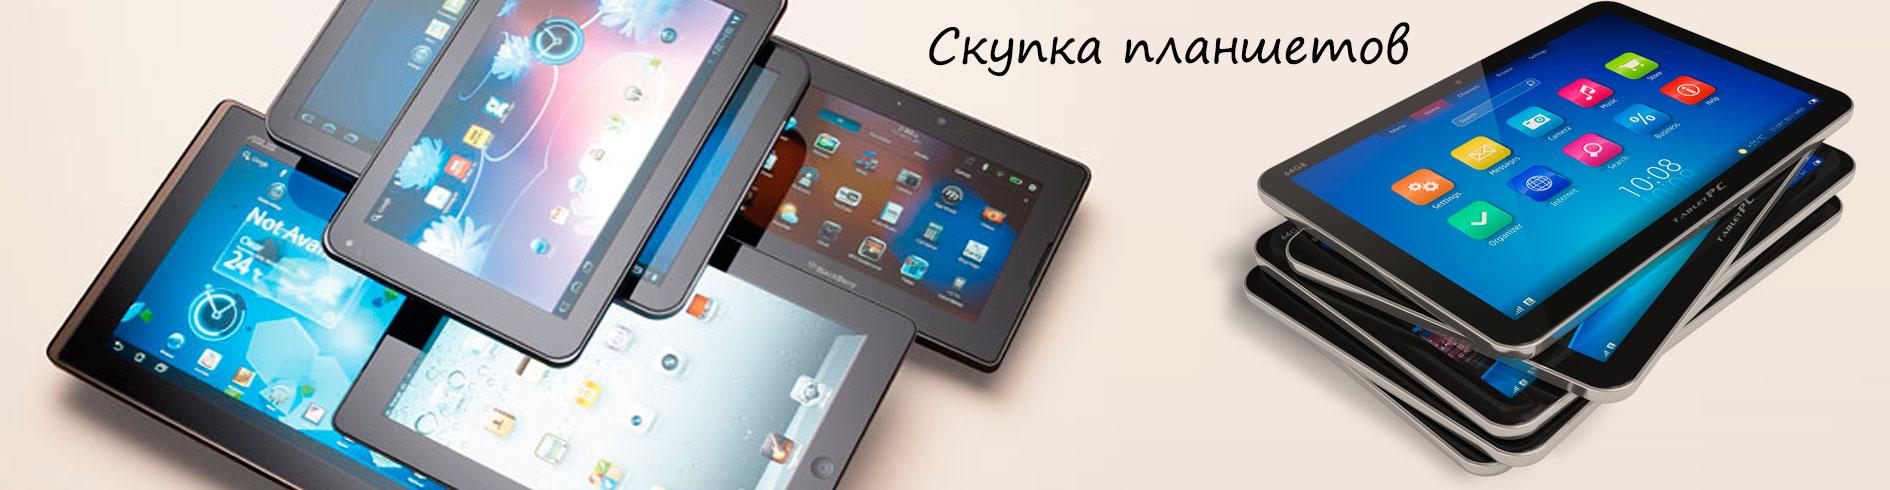 Скупка планшетов